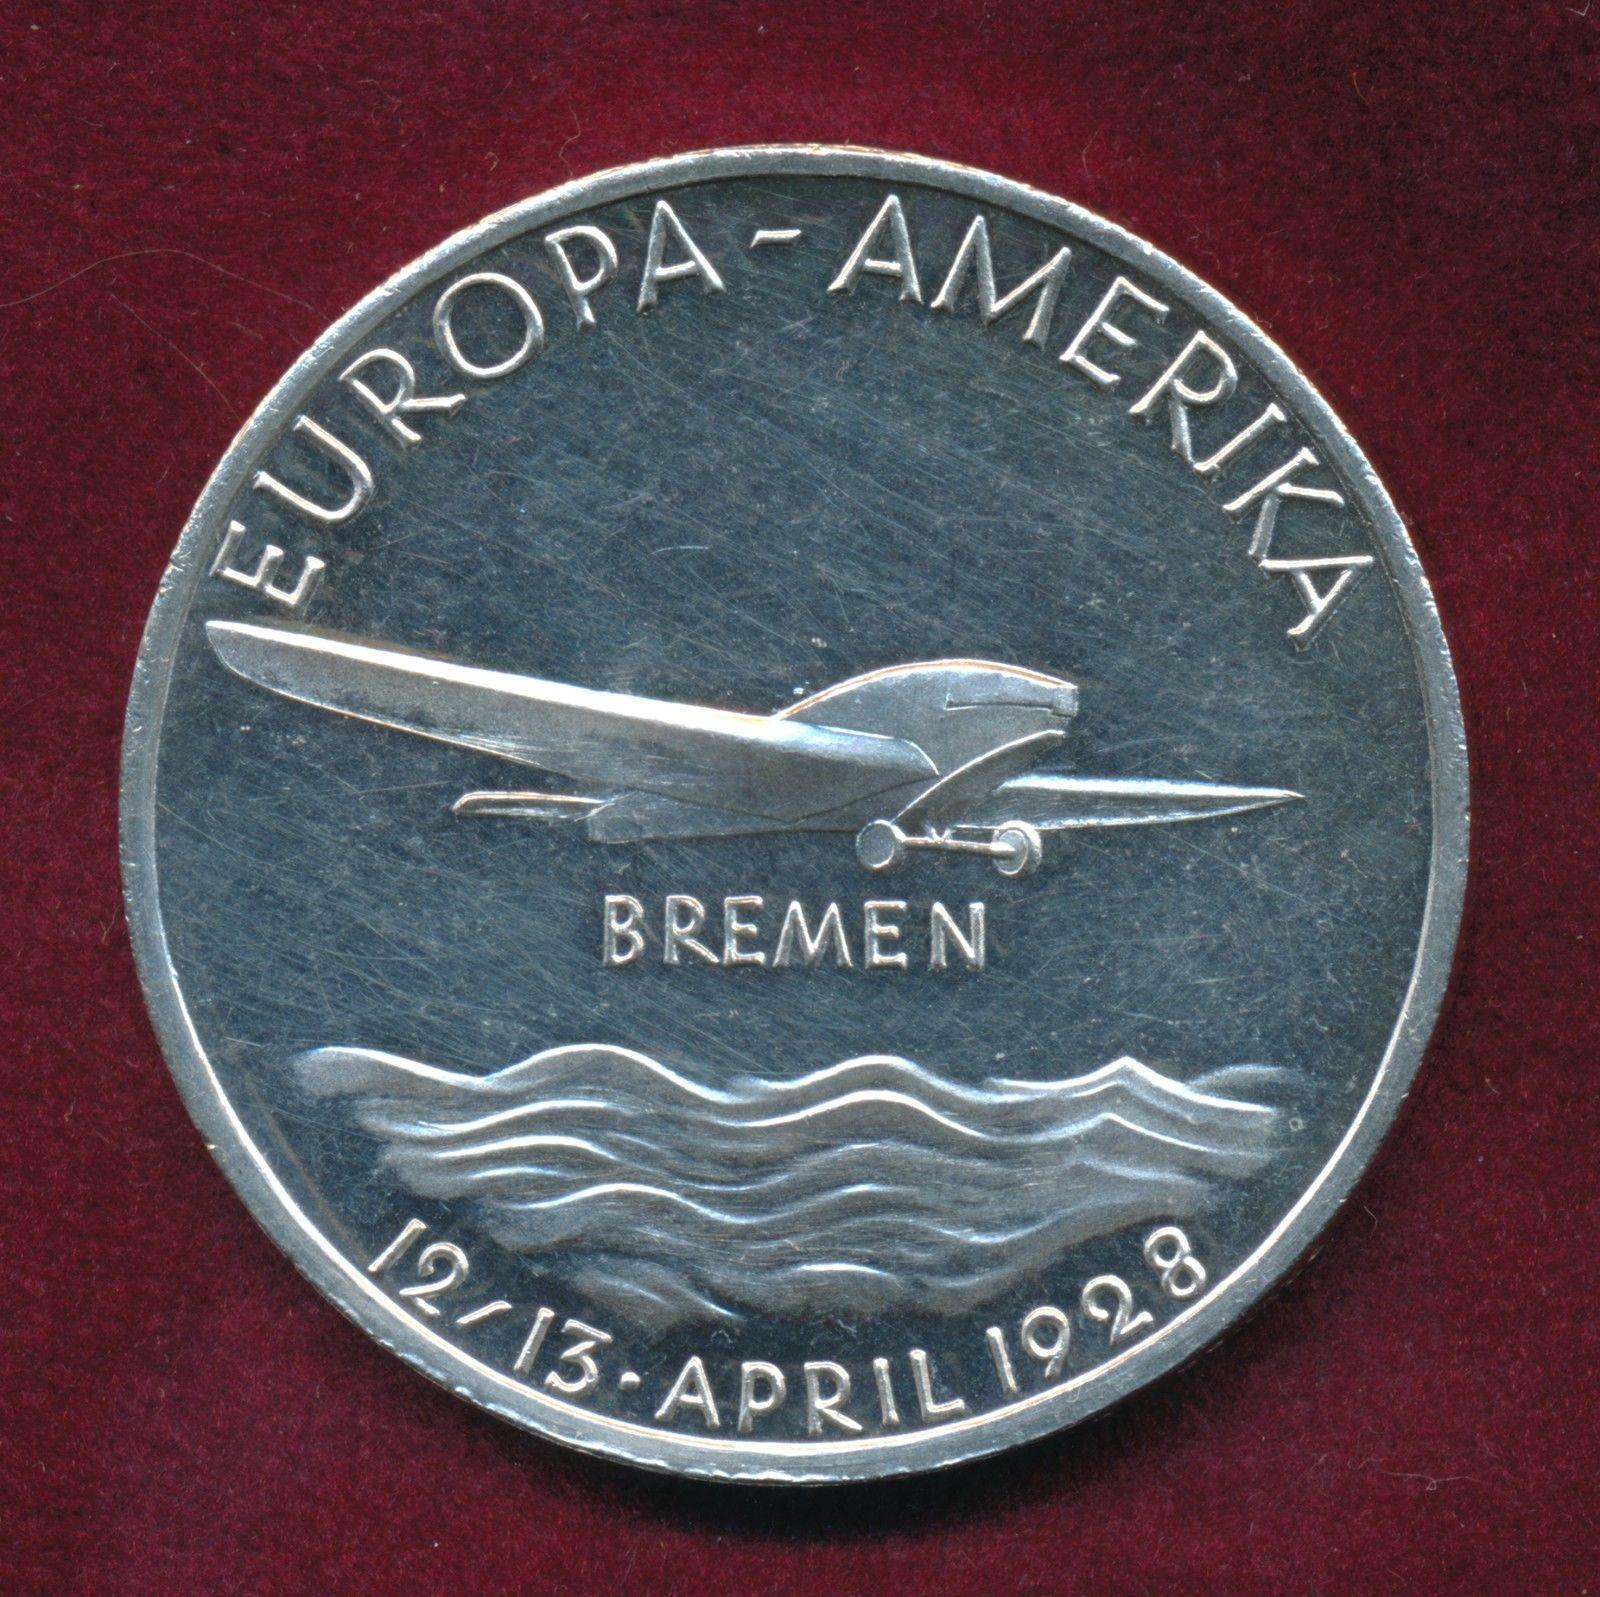 Plakette zur Erinnerung an den ersten Transozeanflug von Hünefeld